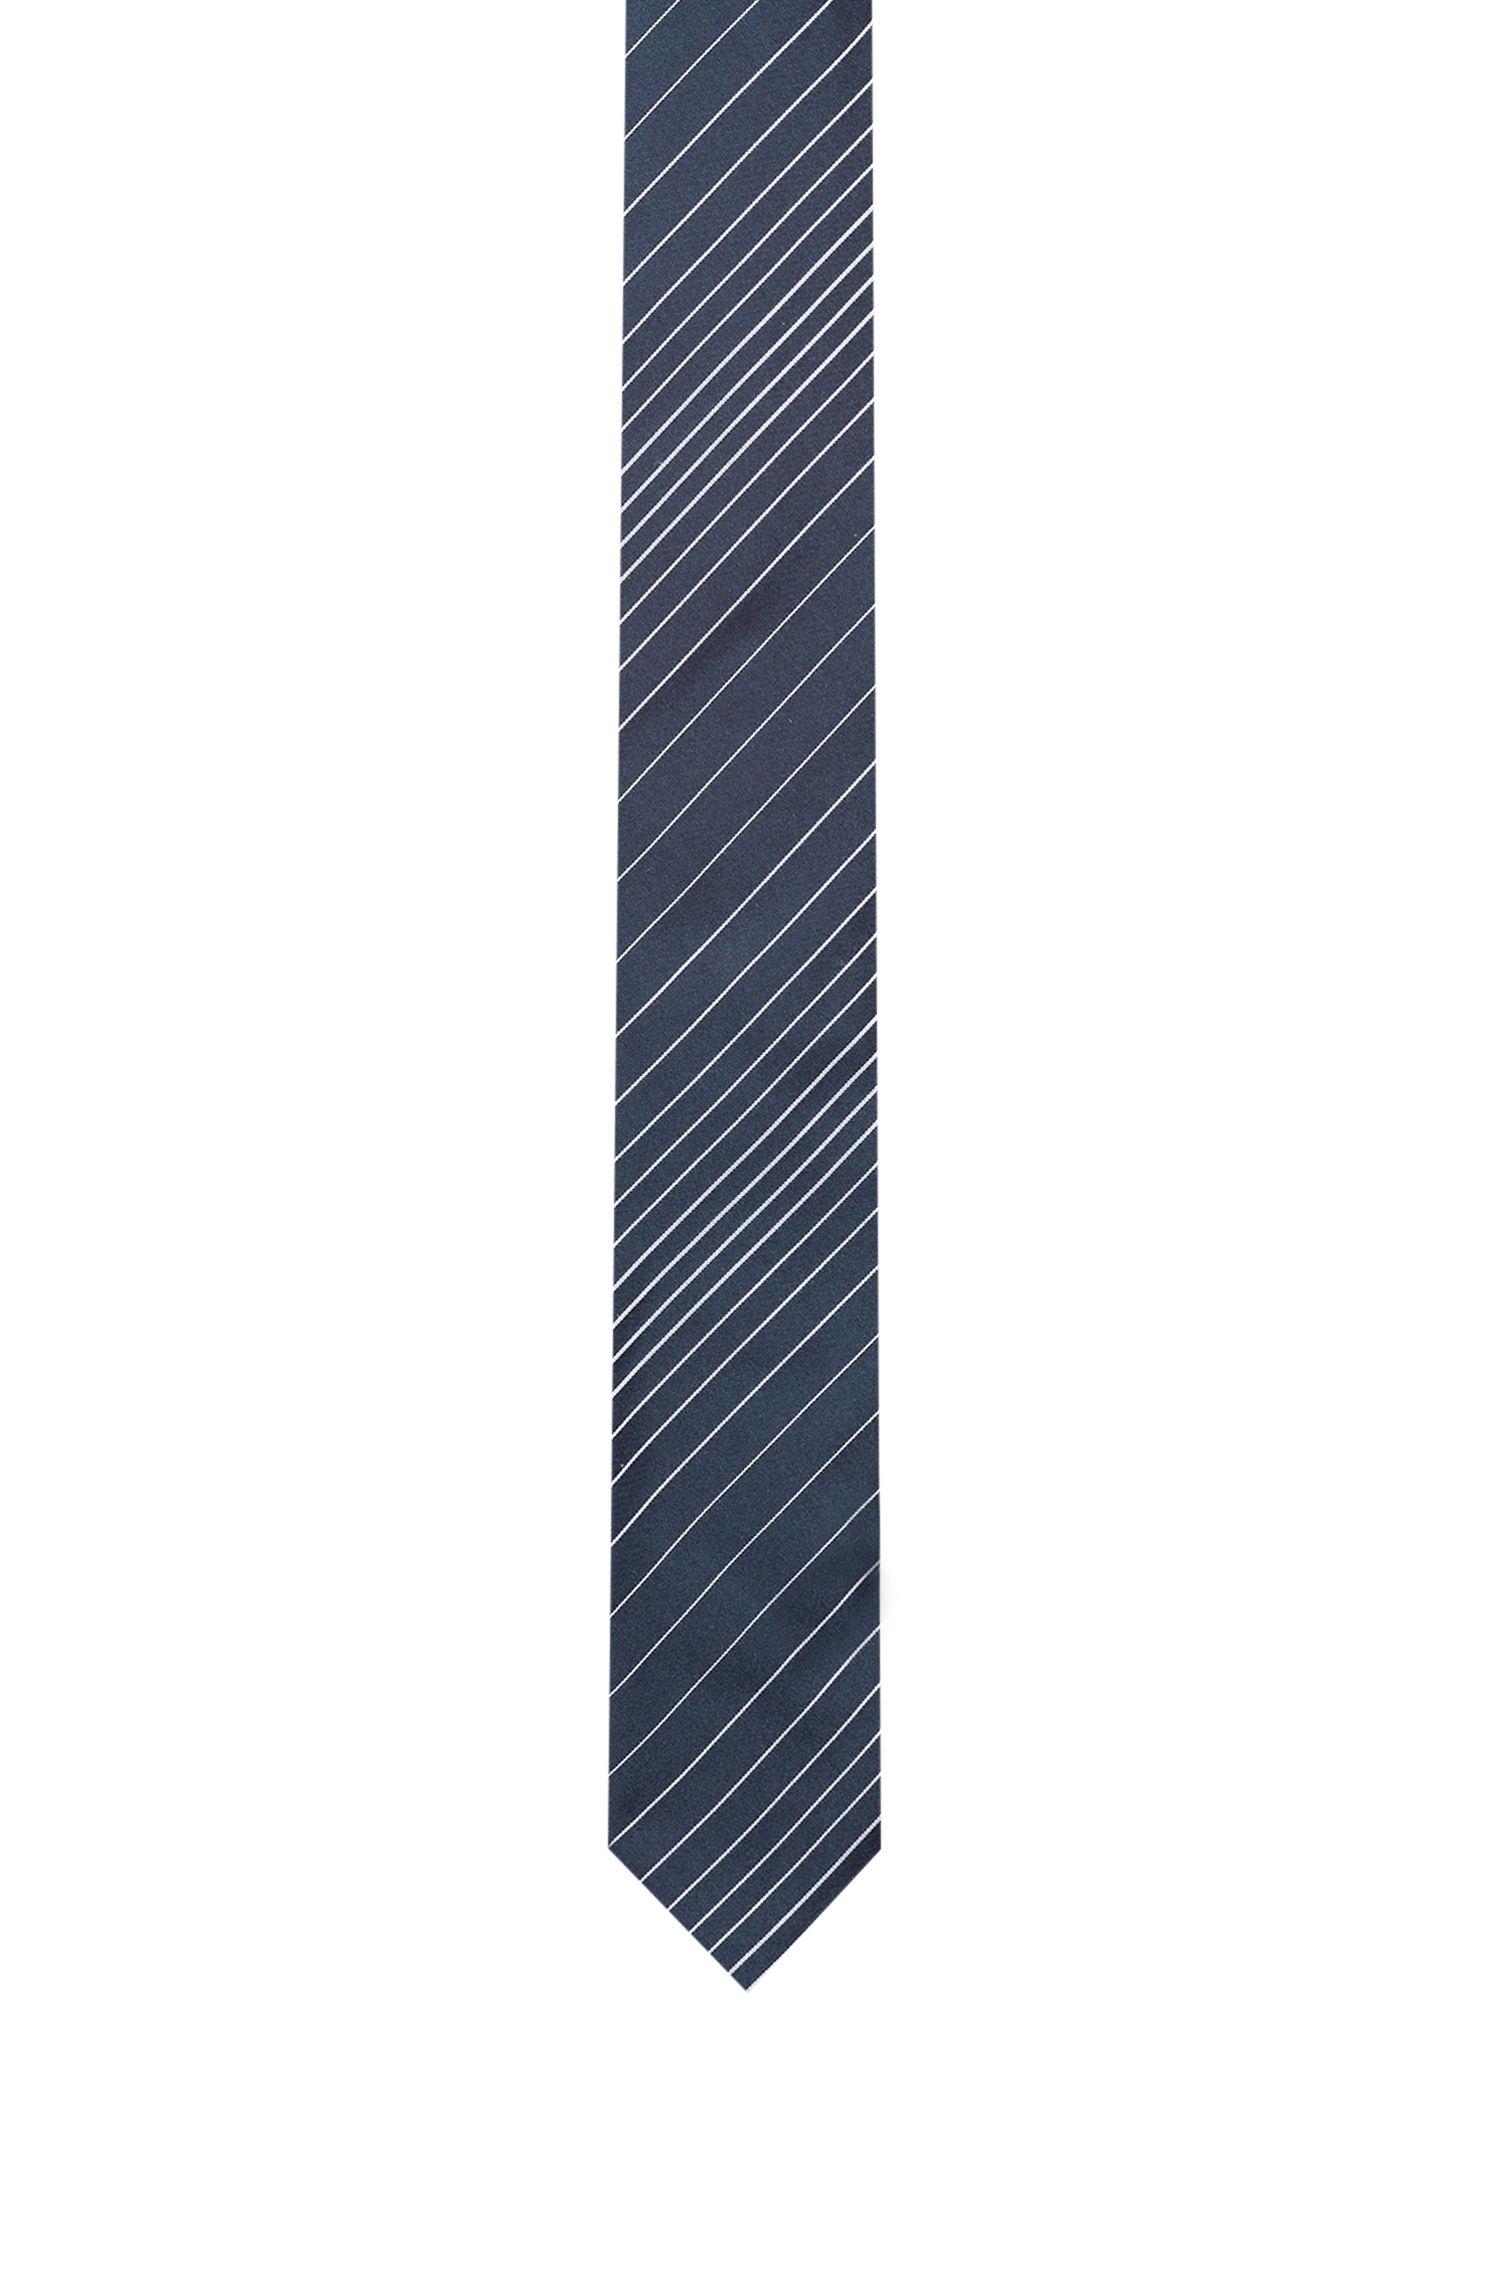 Cravate en jacquard de soie à rayures en diagonale, Fantaisie